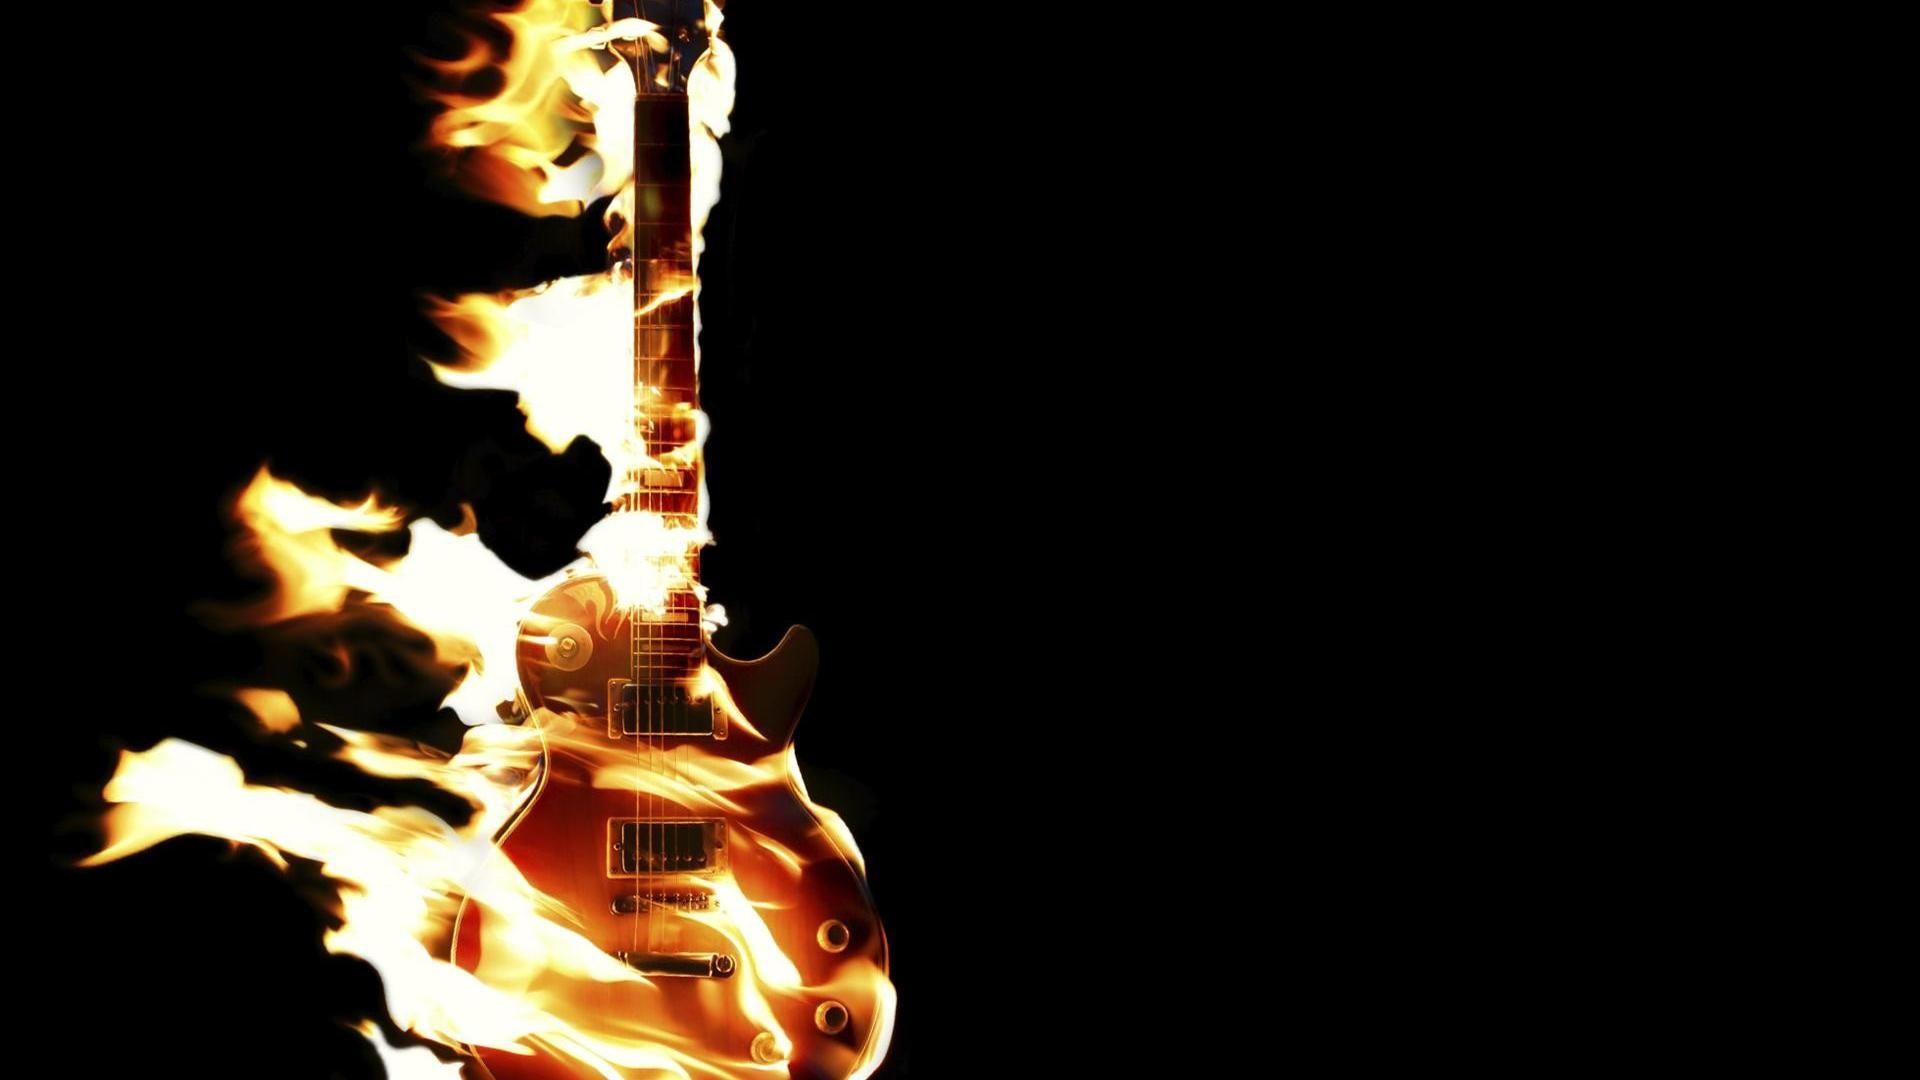 Wonderful Wallpaper Music Fire - e4386904a2d719c2cf529b1f7ce2d2ba  Pictures_43999.jpg